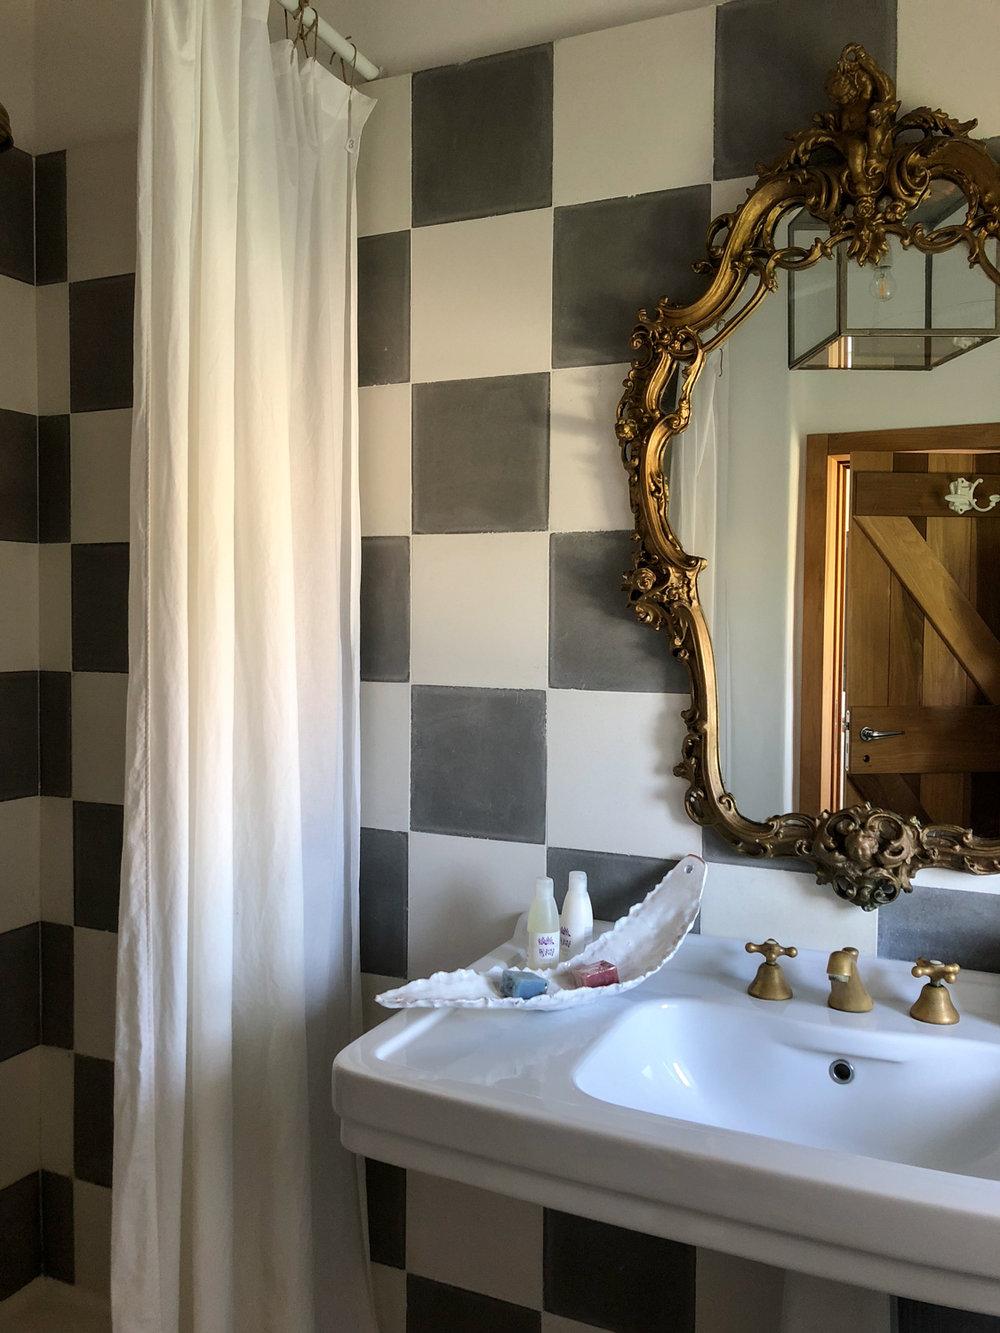 Bathroom Details at Masseria Prosperi